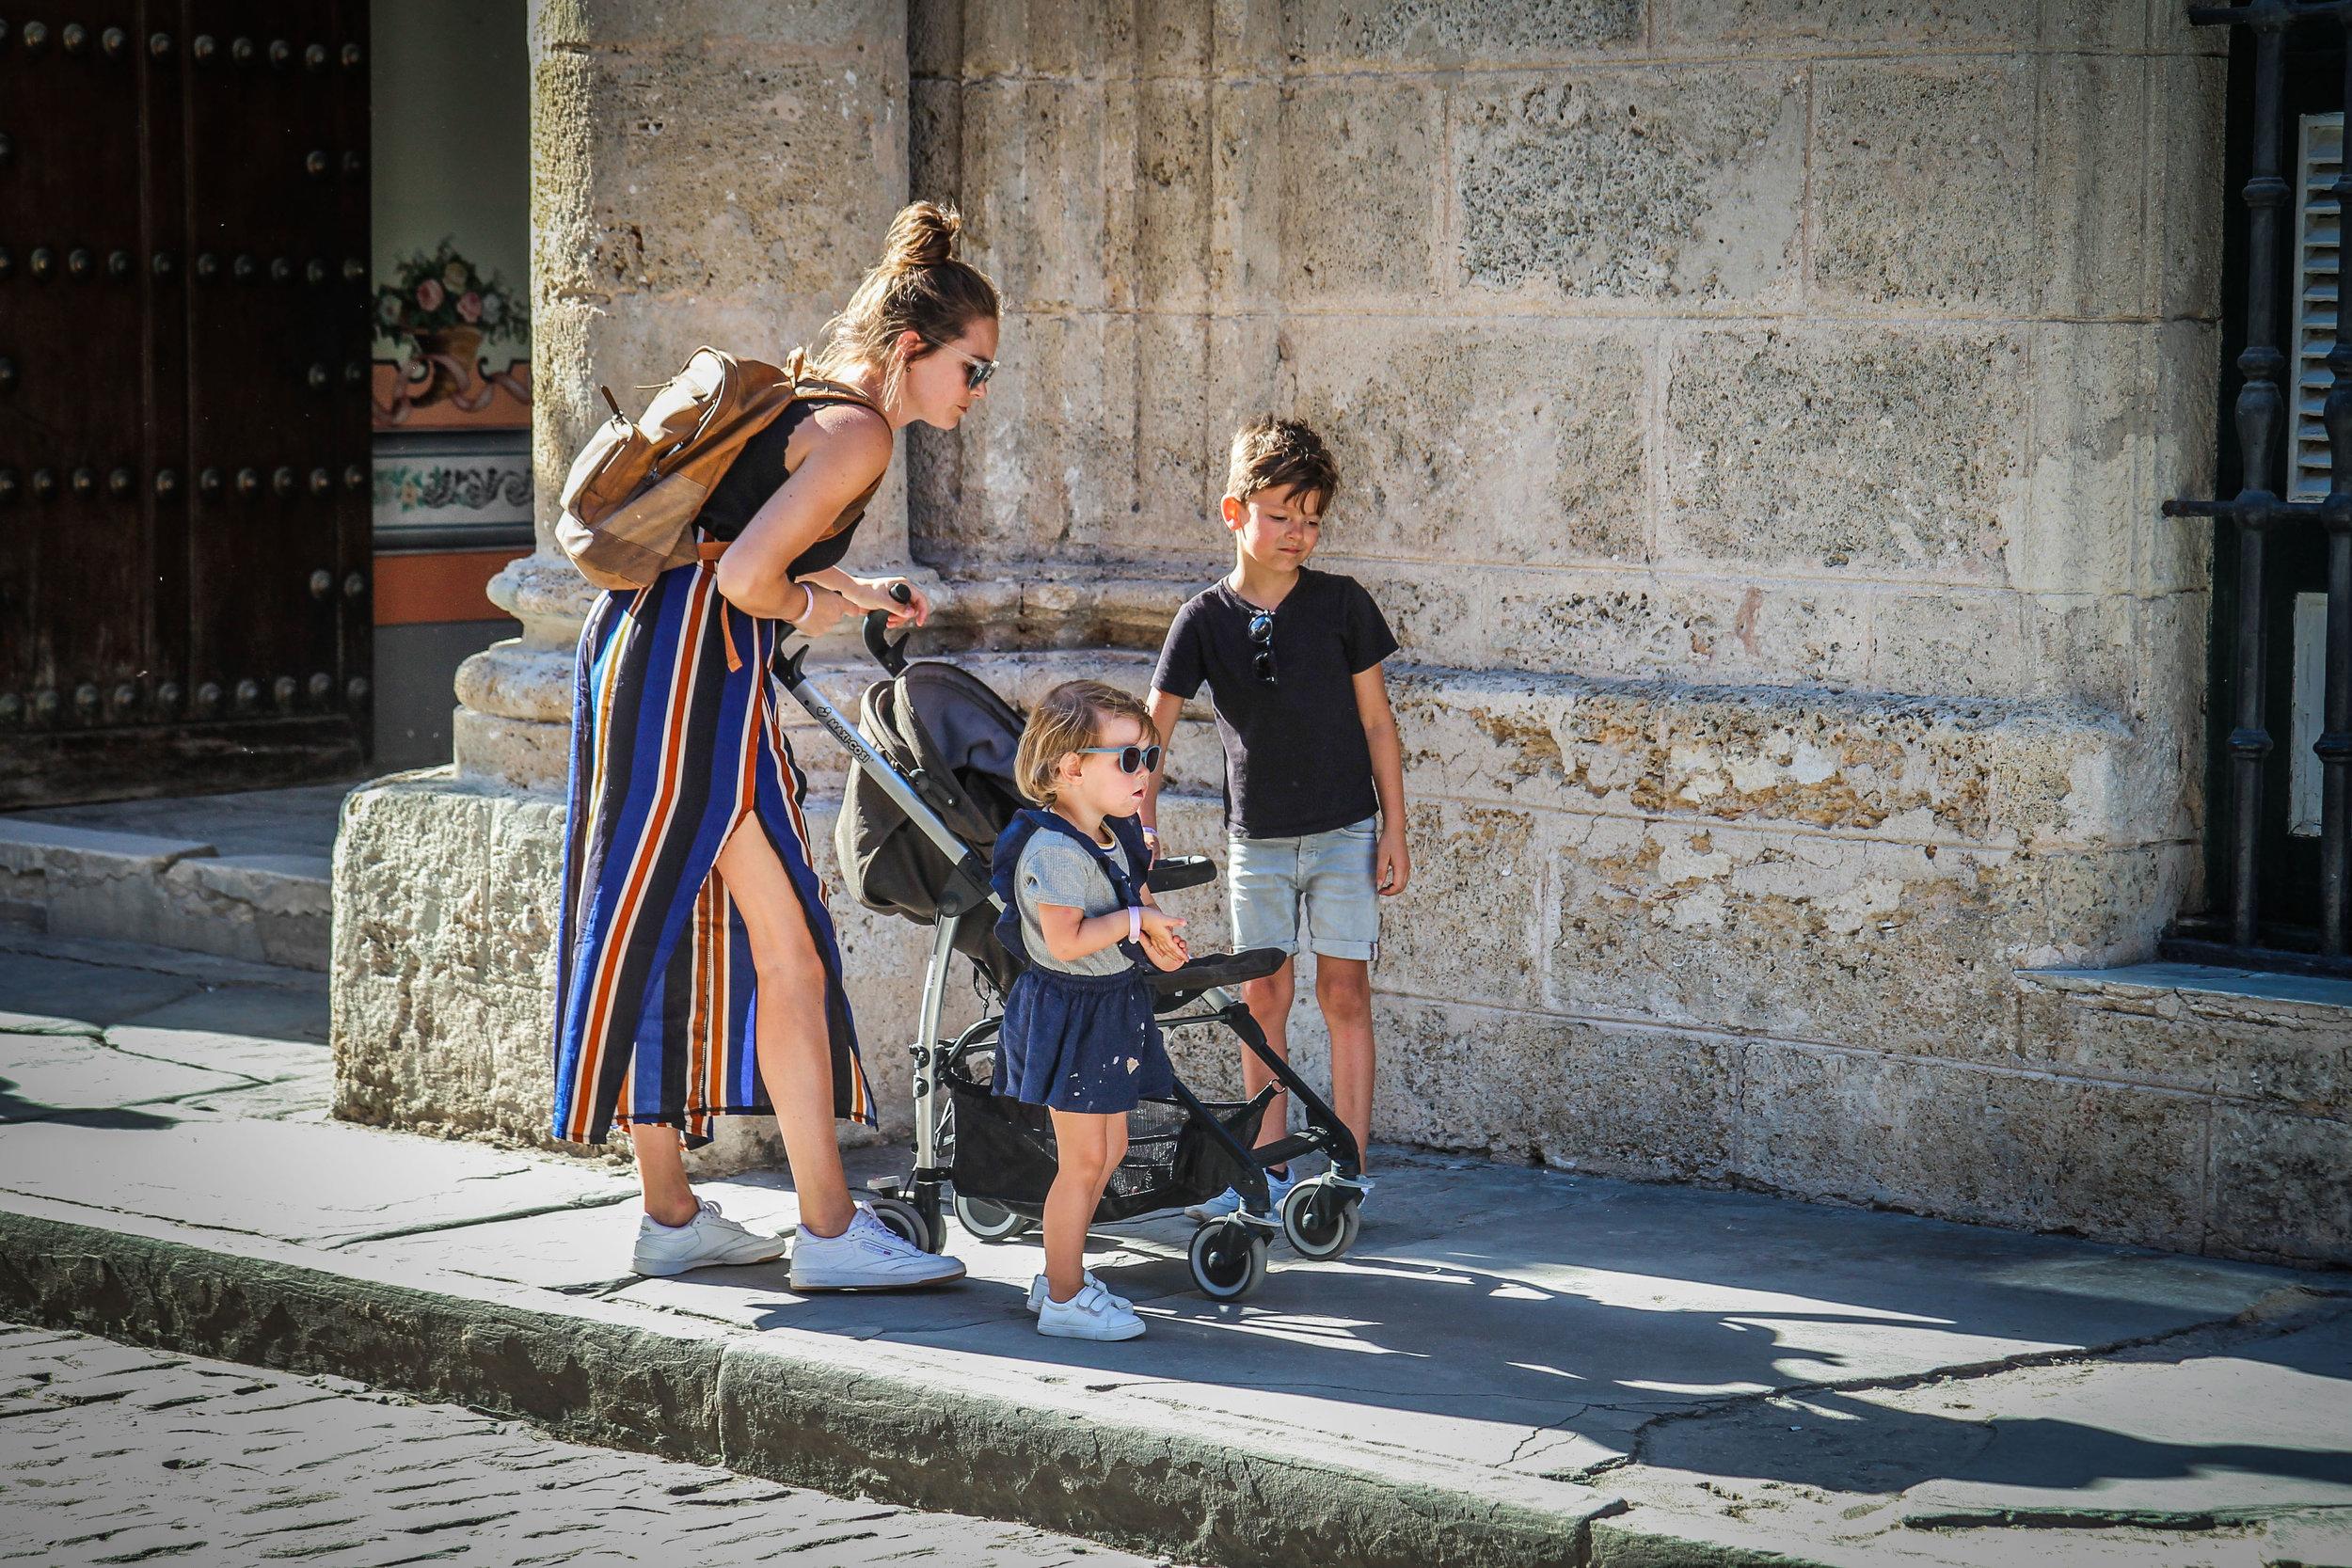 rondwandelen met kinderen in havana